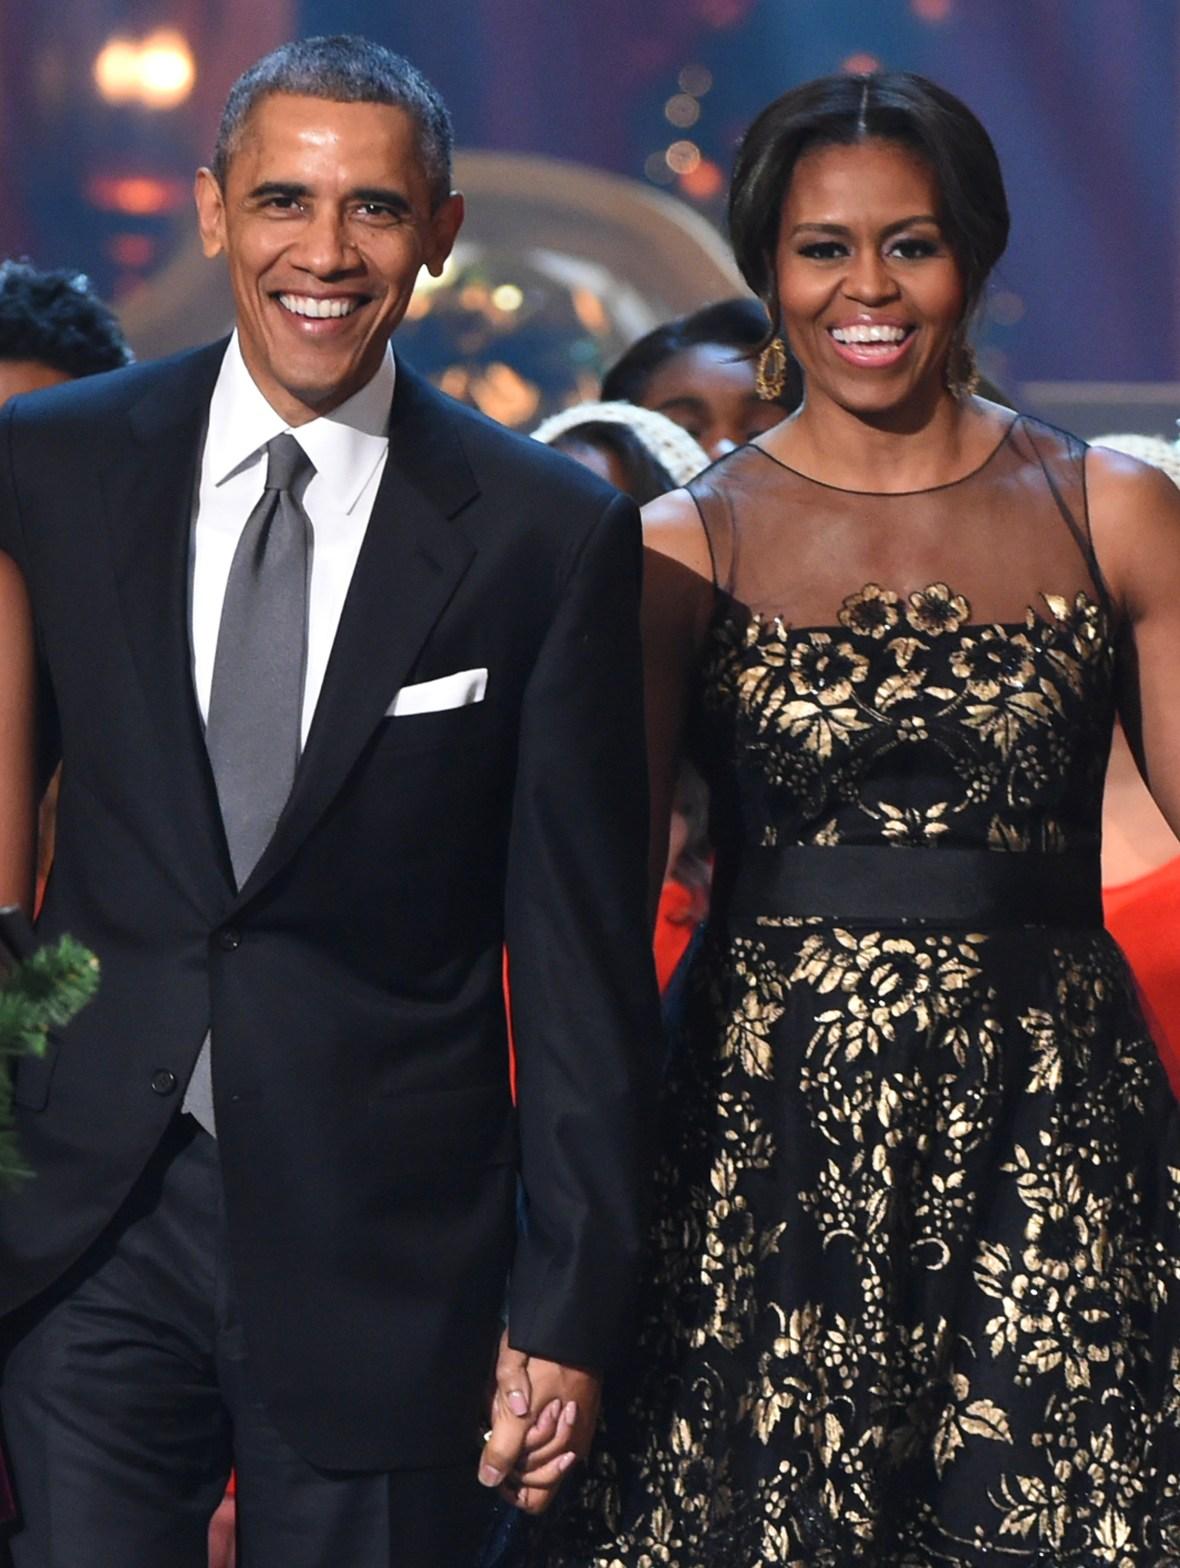 michelle obama barack obama getty images